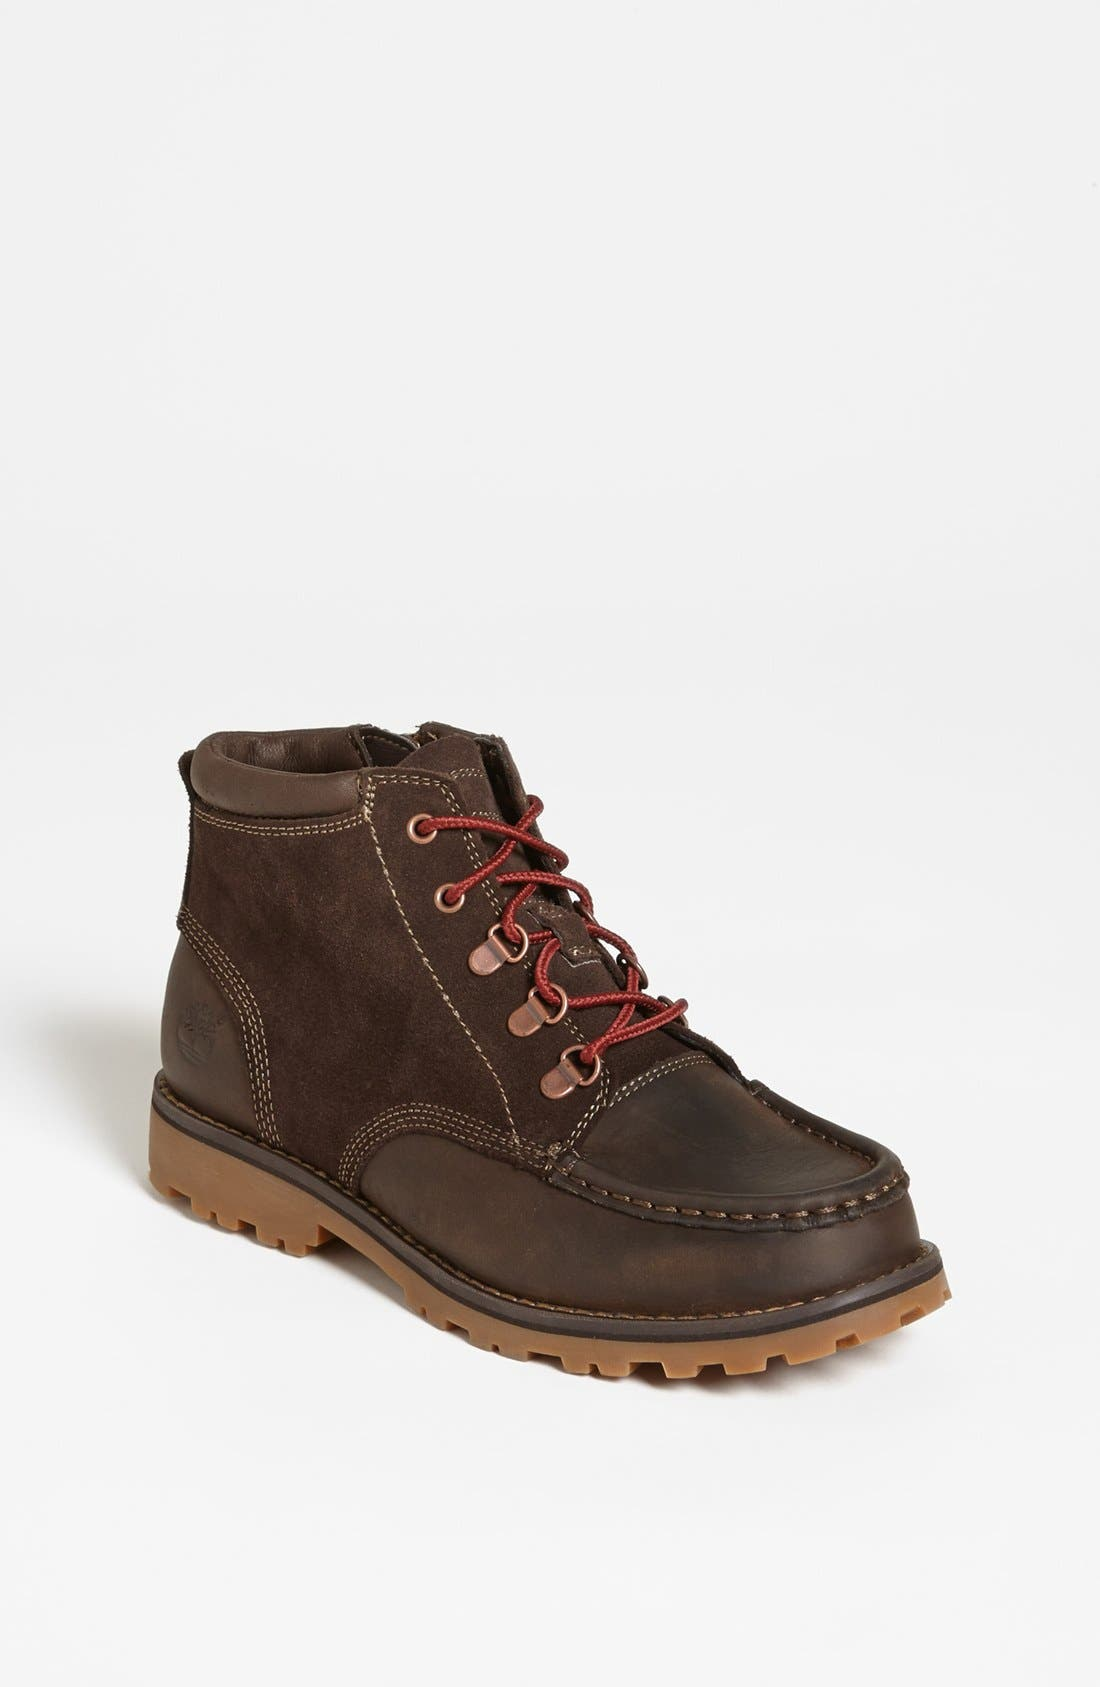 Main Image - Timberland Earthkeepers® 'Asphalt' Boot (Little Kid & Big Kid)